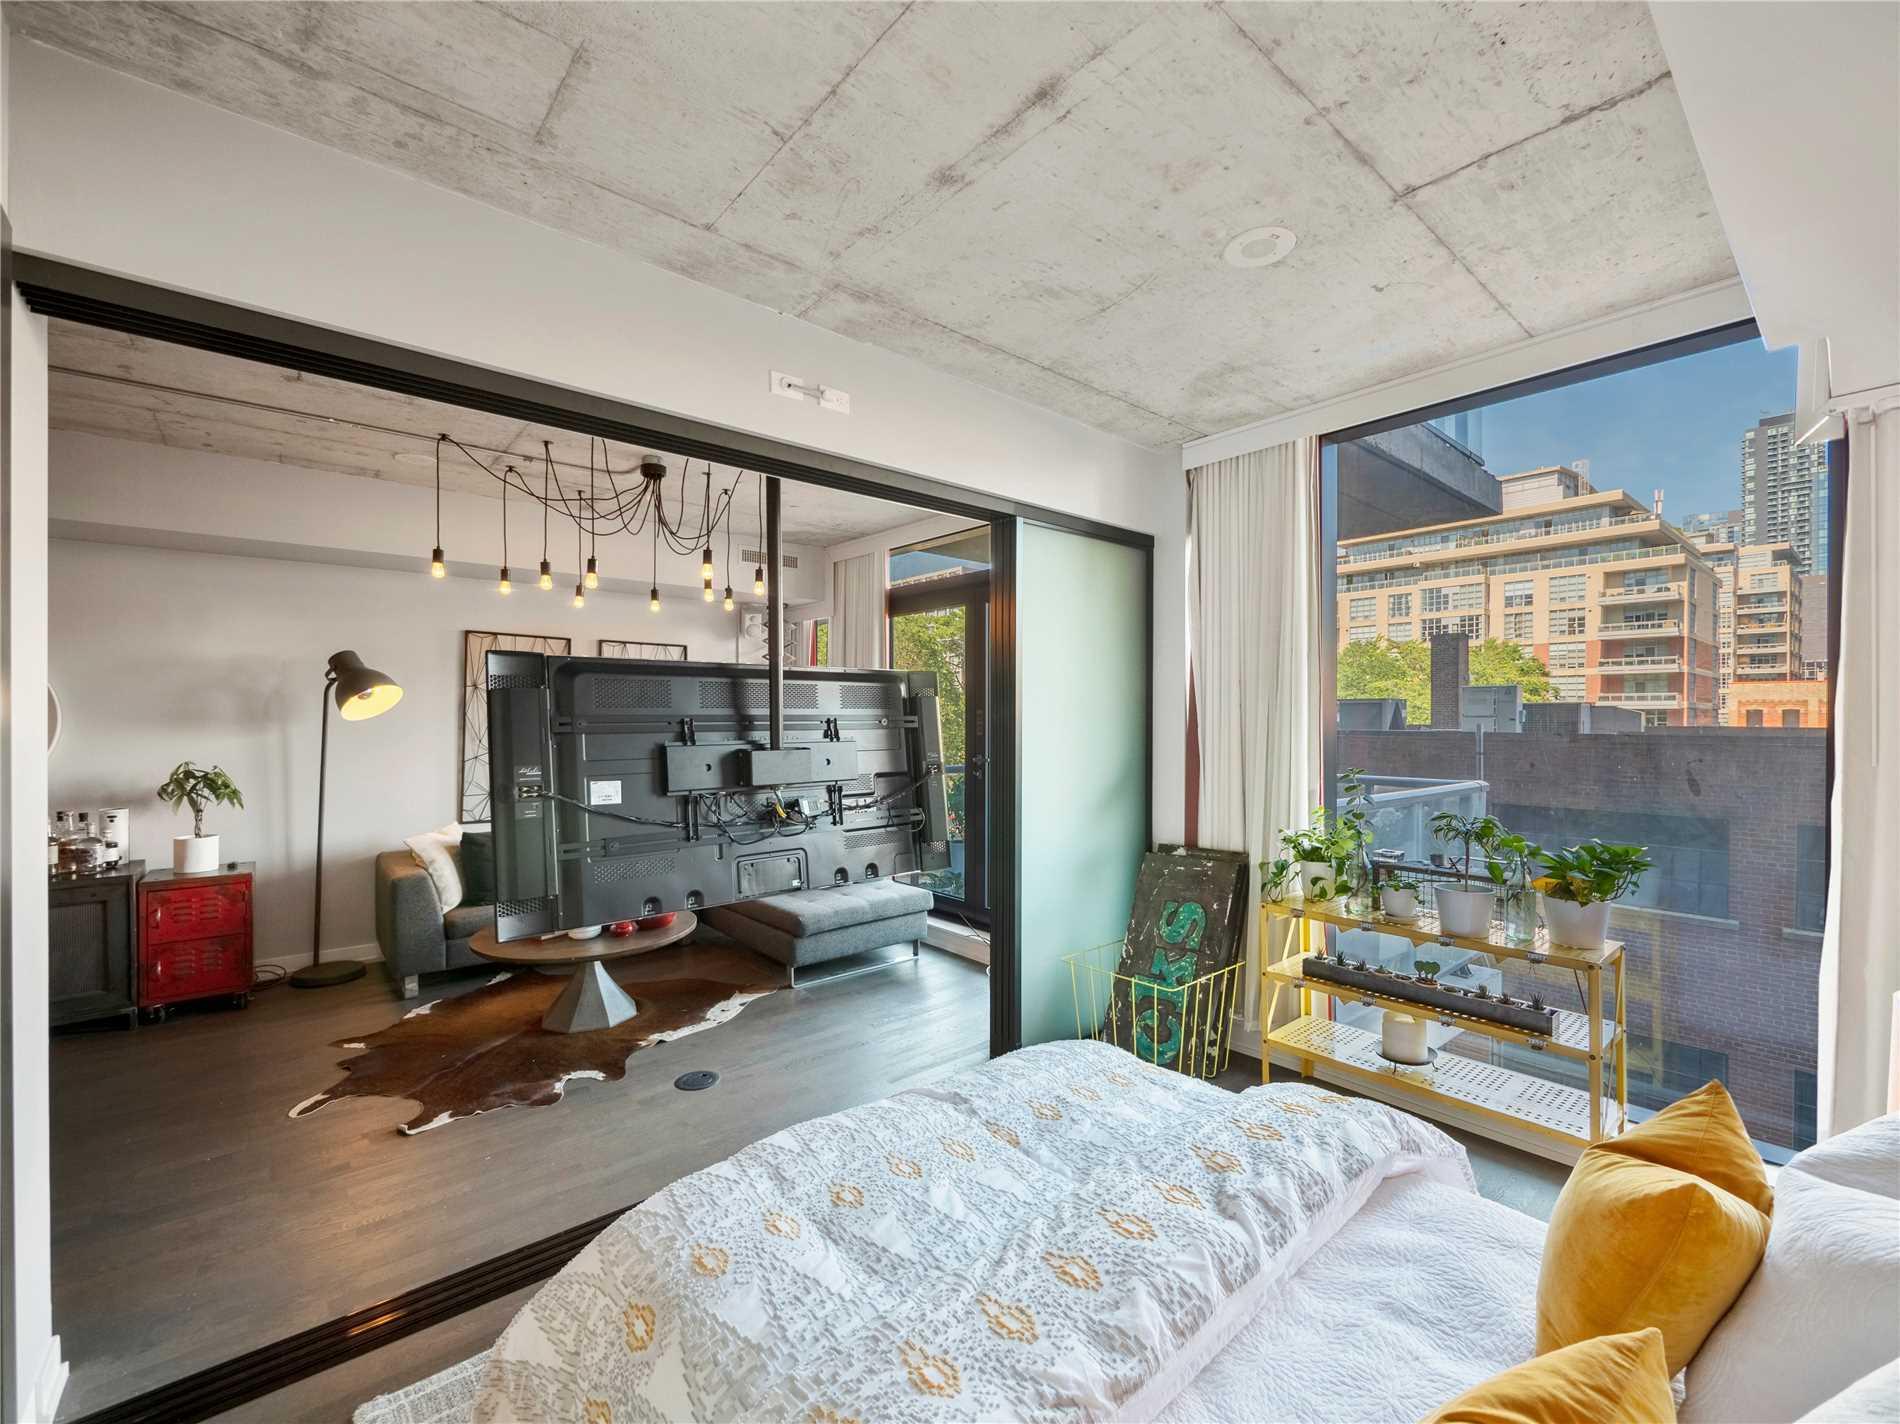 560 King St W #307, Toronto - 1+1 Bed, 1 Bath condo | Dwelly ca